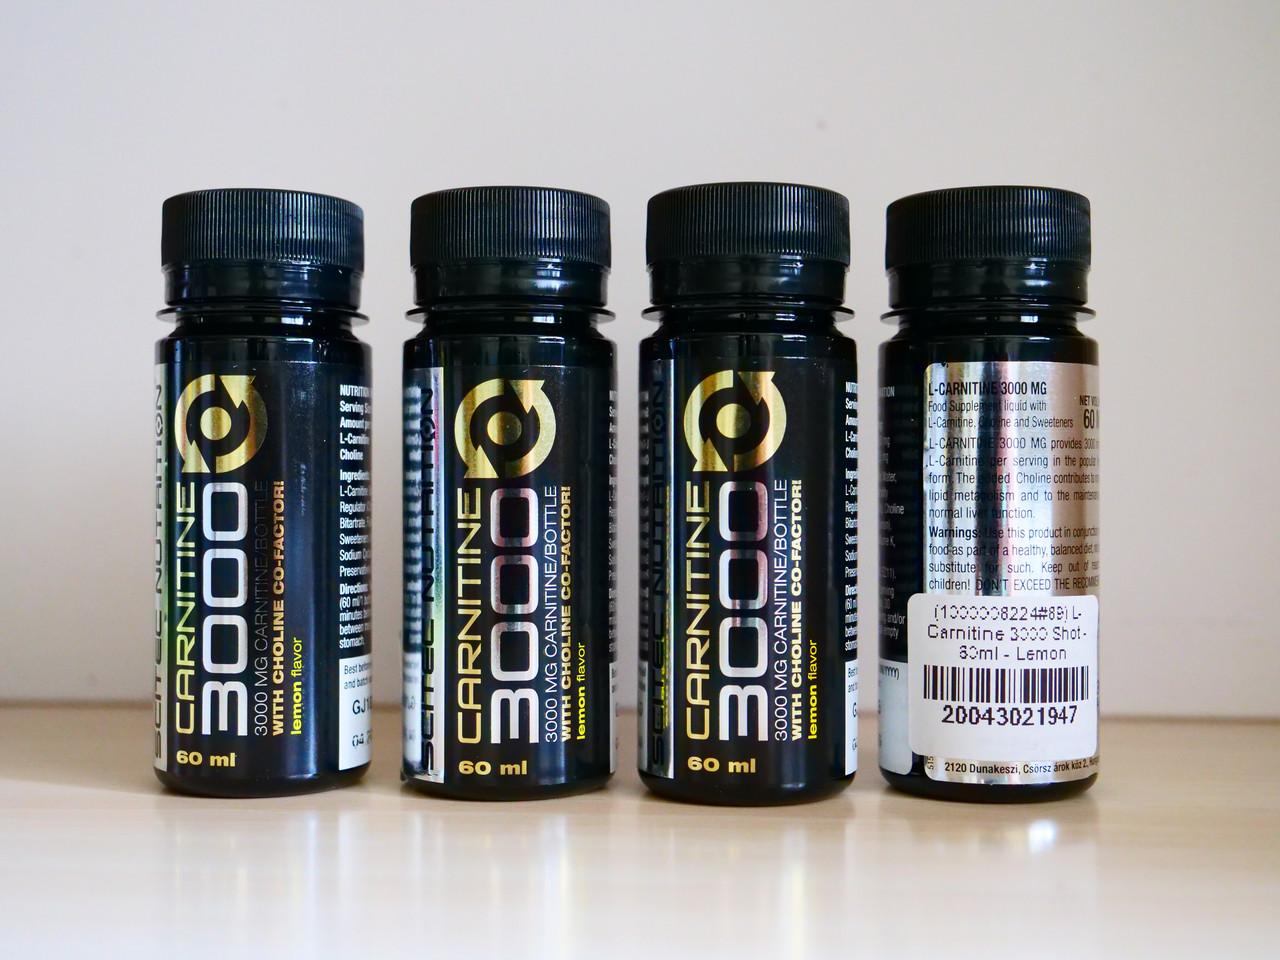 Жиросжигатель карнитин для похудения Scitec Nutrition L-Carnitine 3000 Shot (60ml)